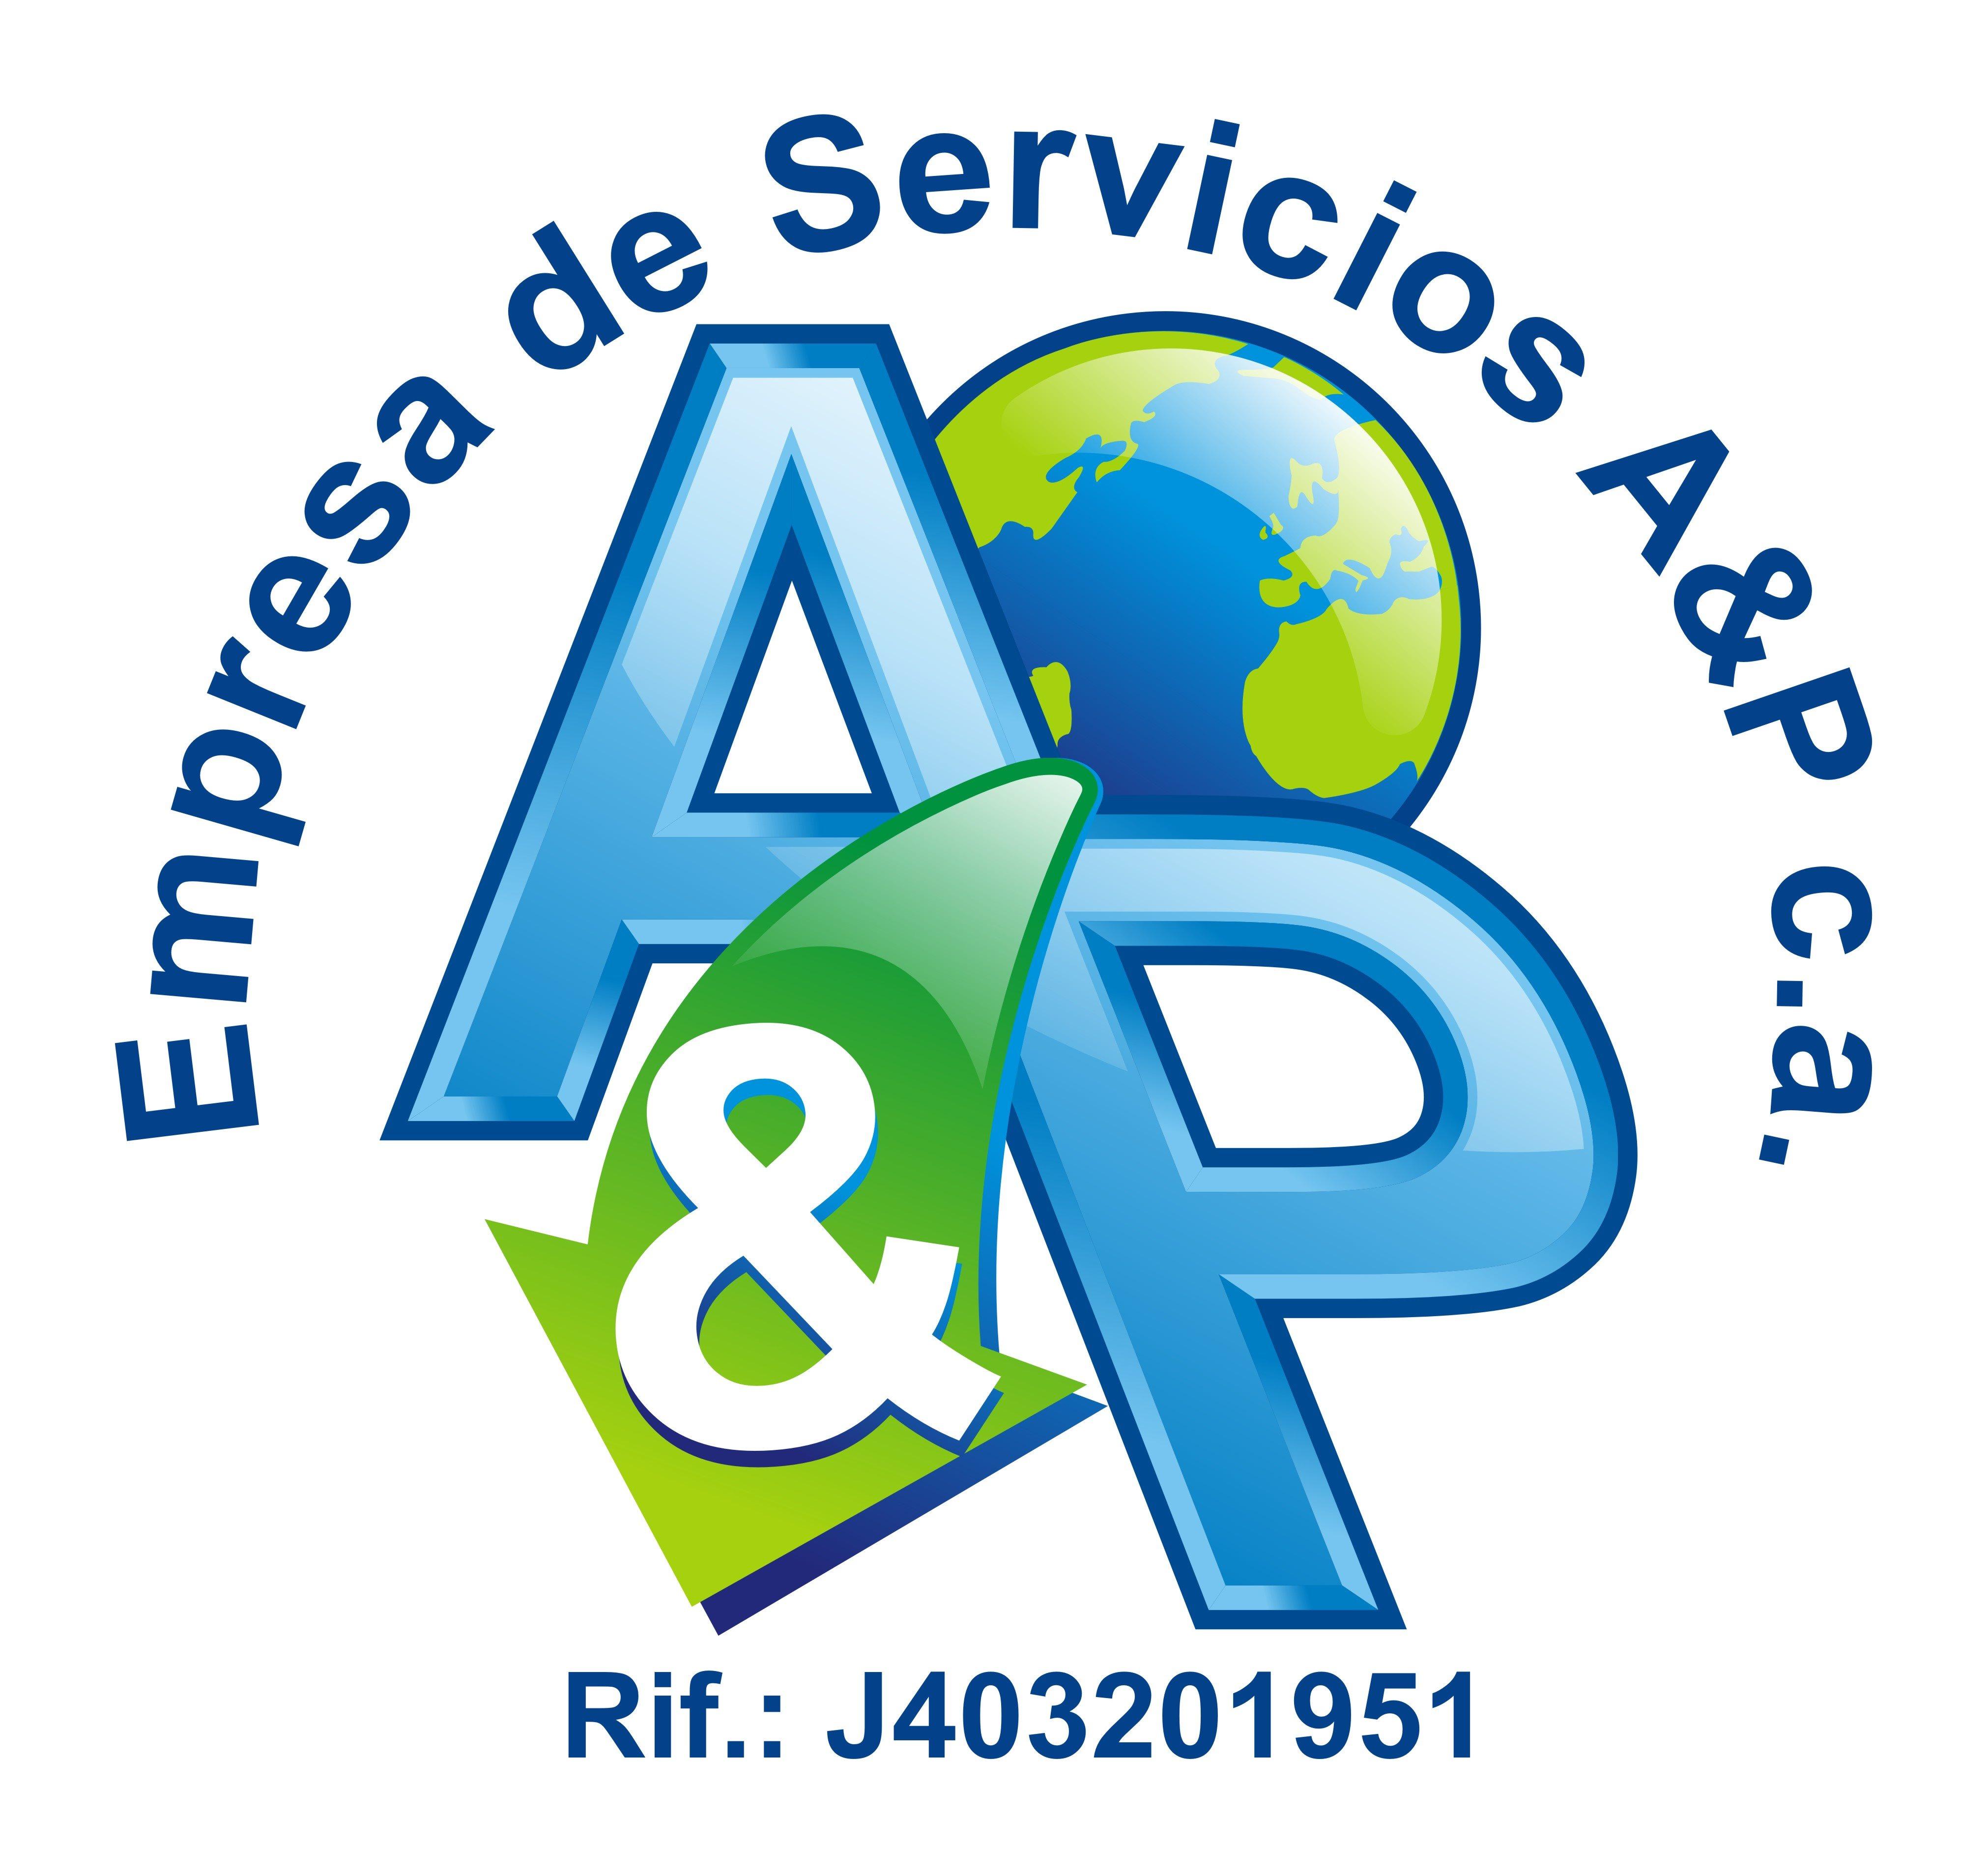 EMPRESA DE SERVICIOS A&P